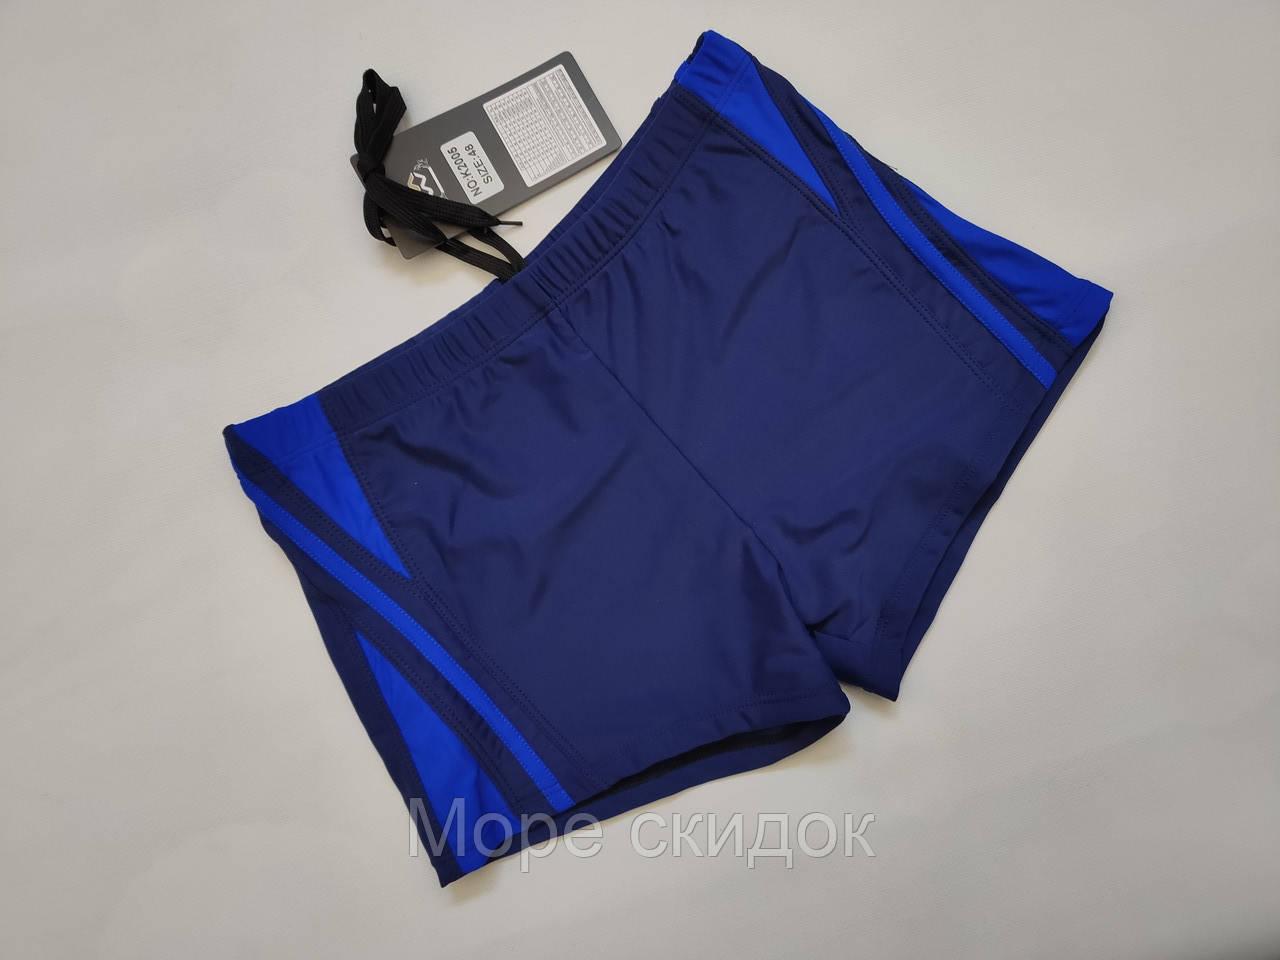 Шорты-плавки мужские FUBA 2005 синий (В НАЛИЧИИ ТОЛЬКО   48 50 52 54 56  размеры)